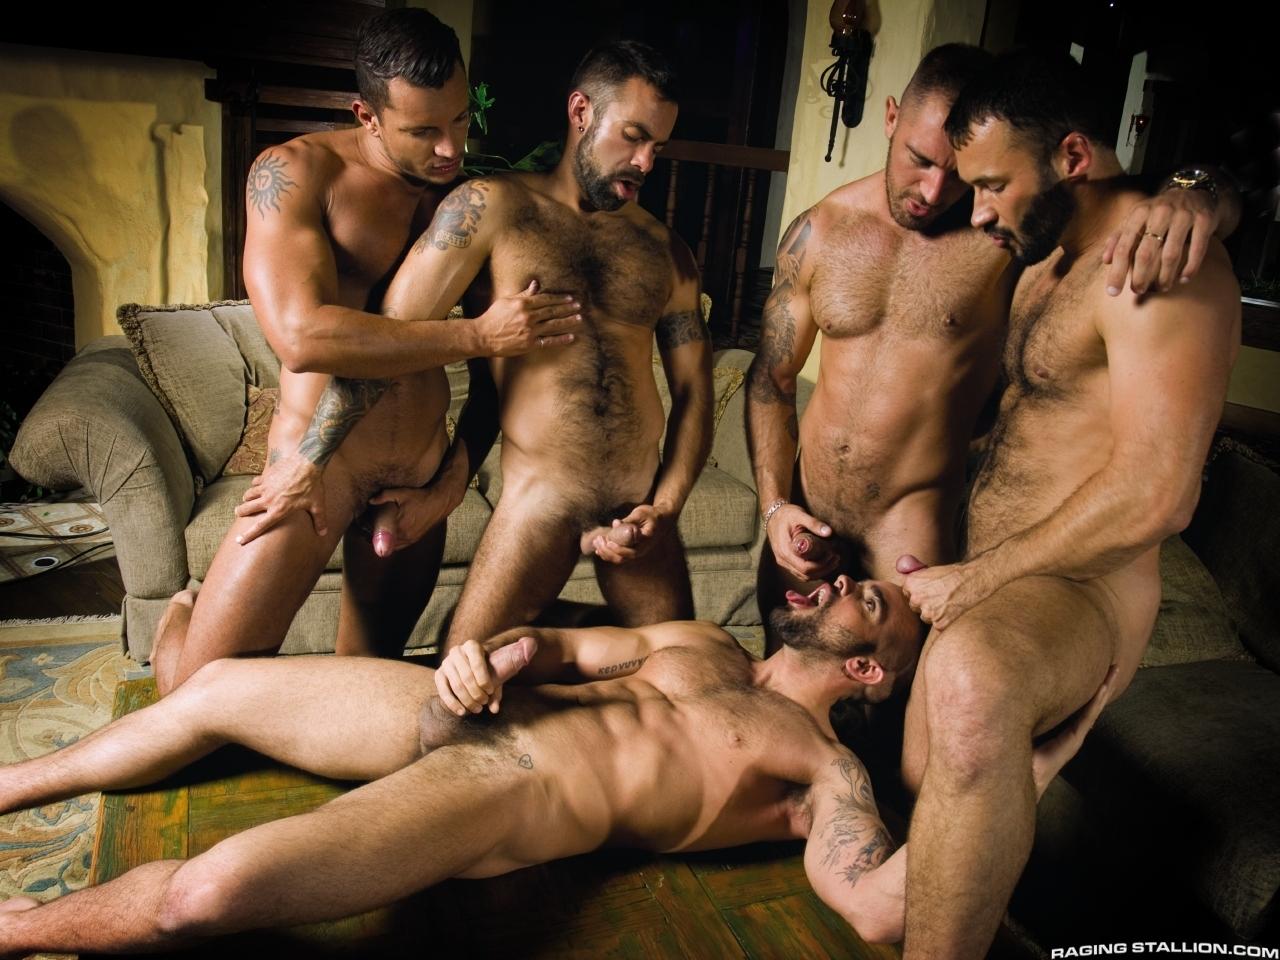 Free hairy men orgies galleries